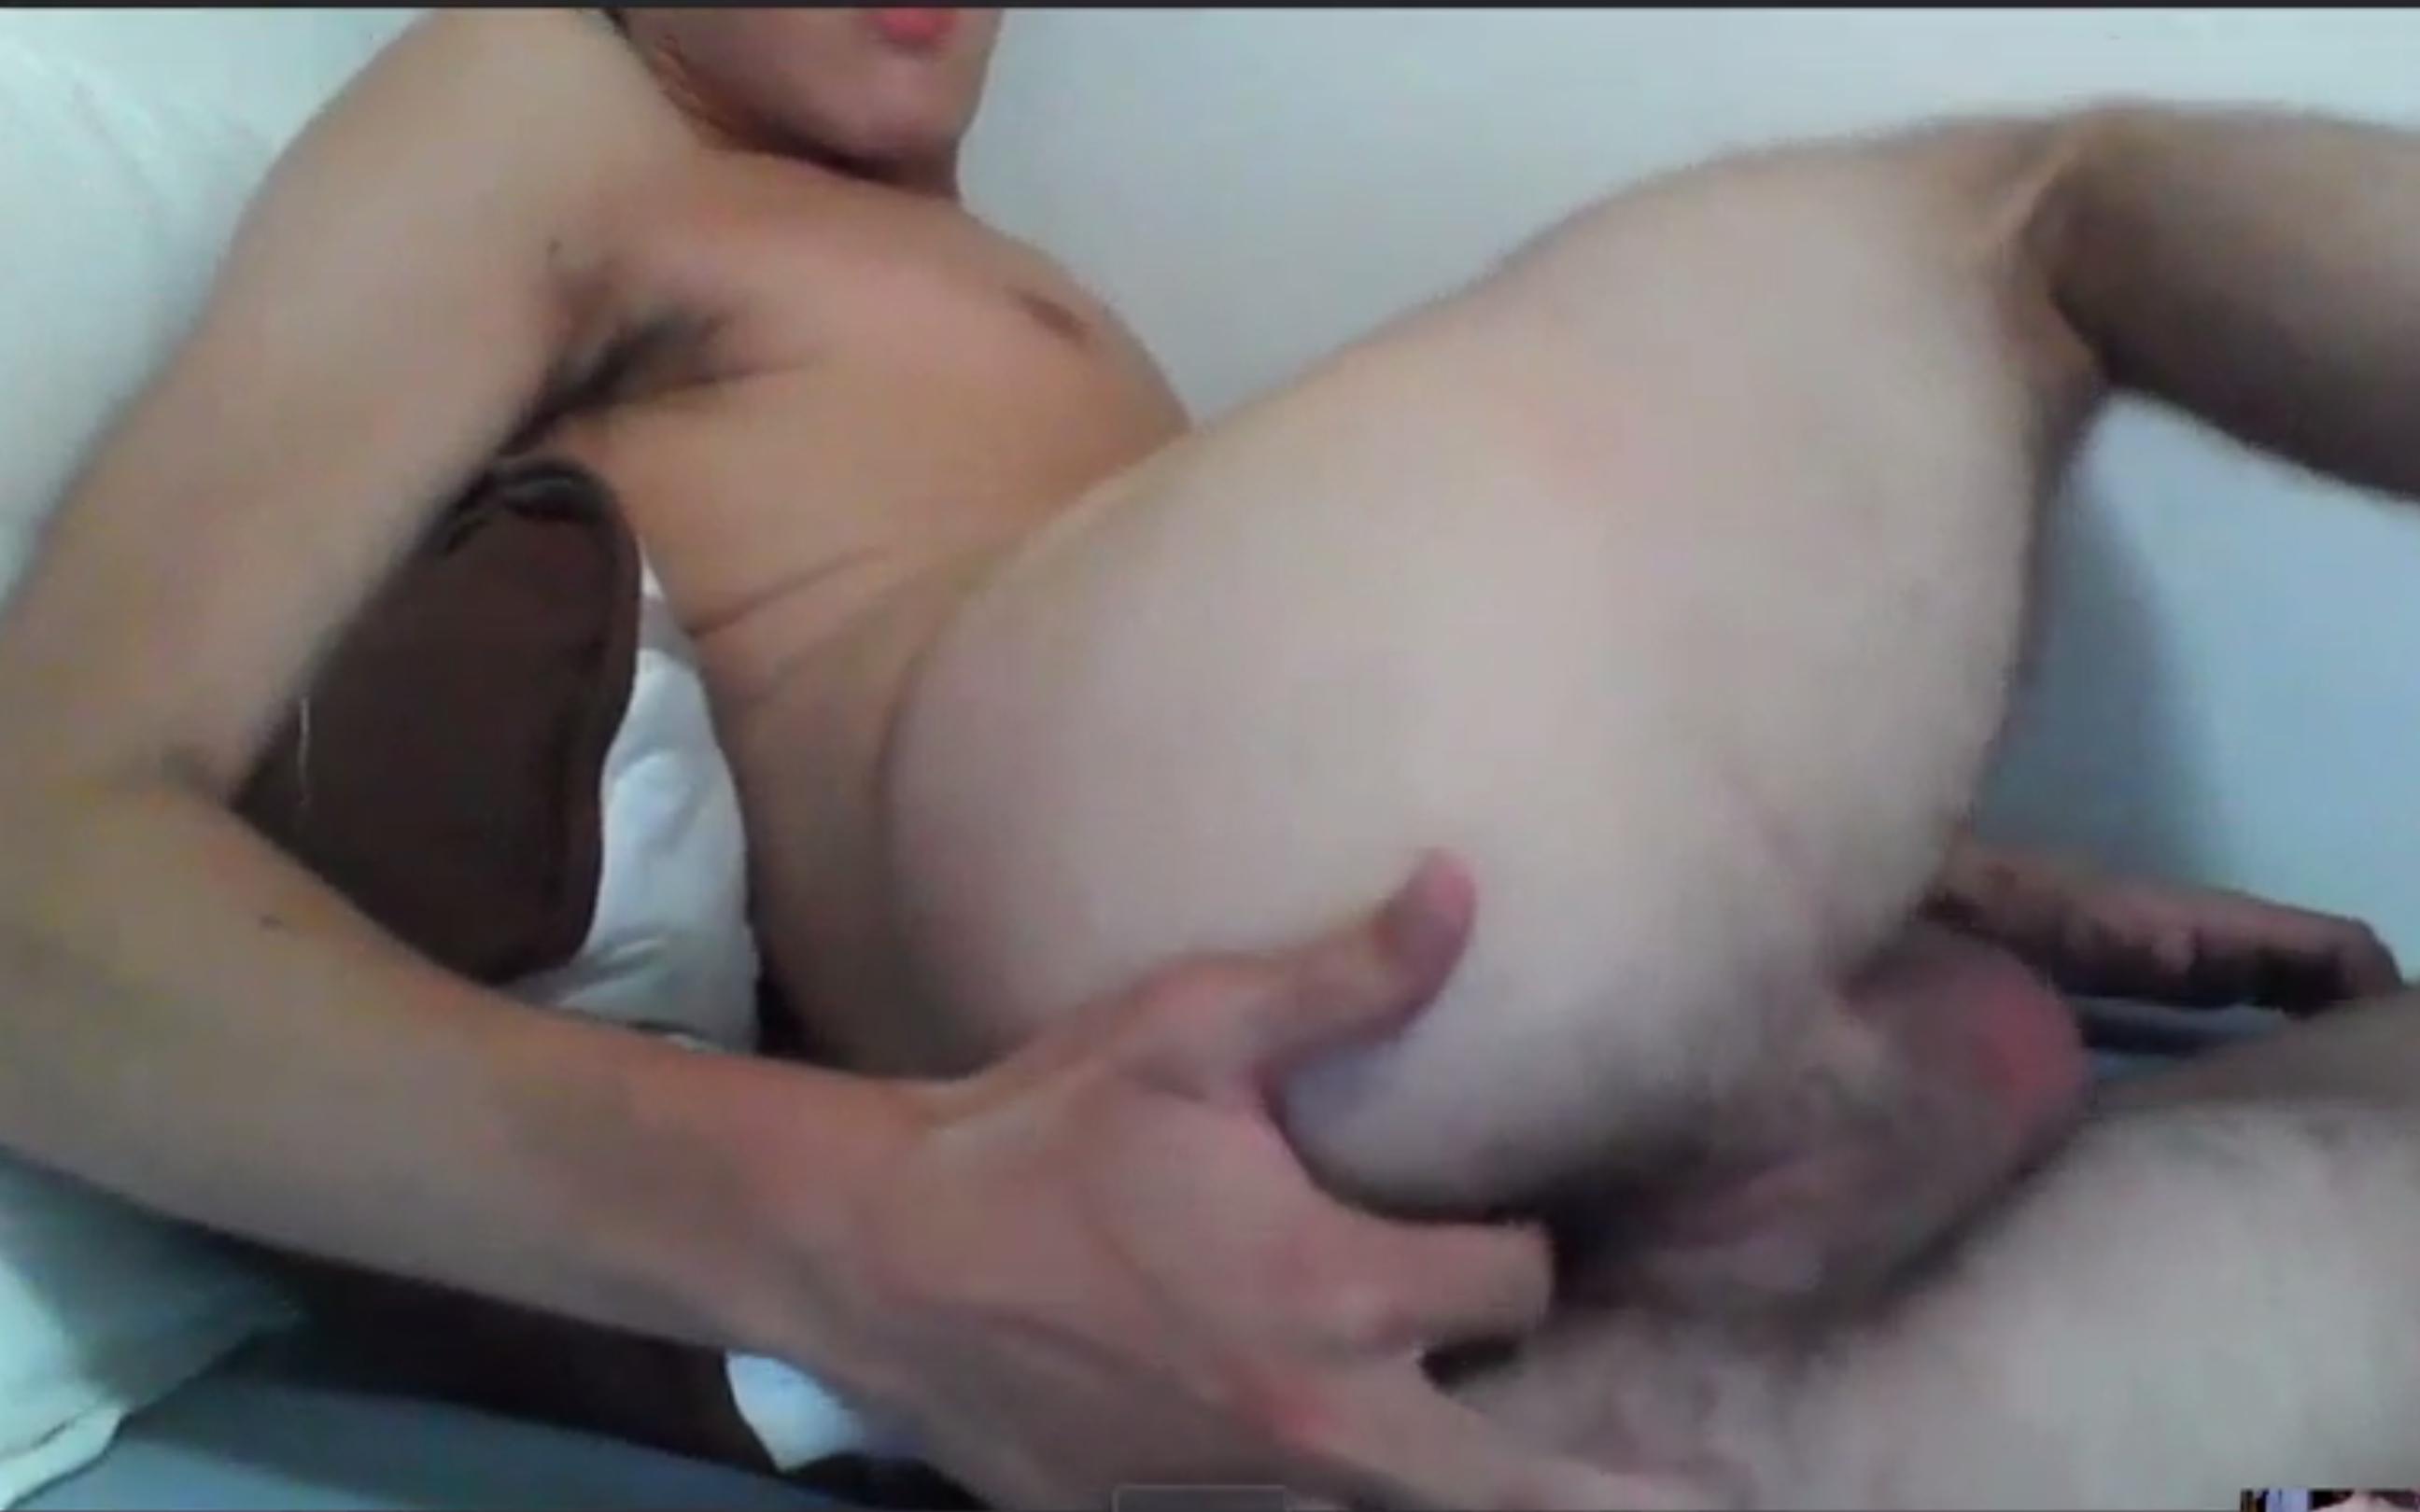 Solo, Soloboys, Cam, Webcam, Pauzão, Big Dick, Novinho, Jovem, Batendo Uma